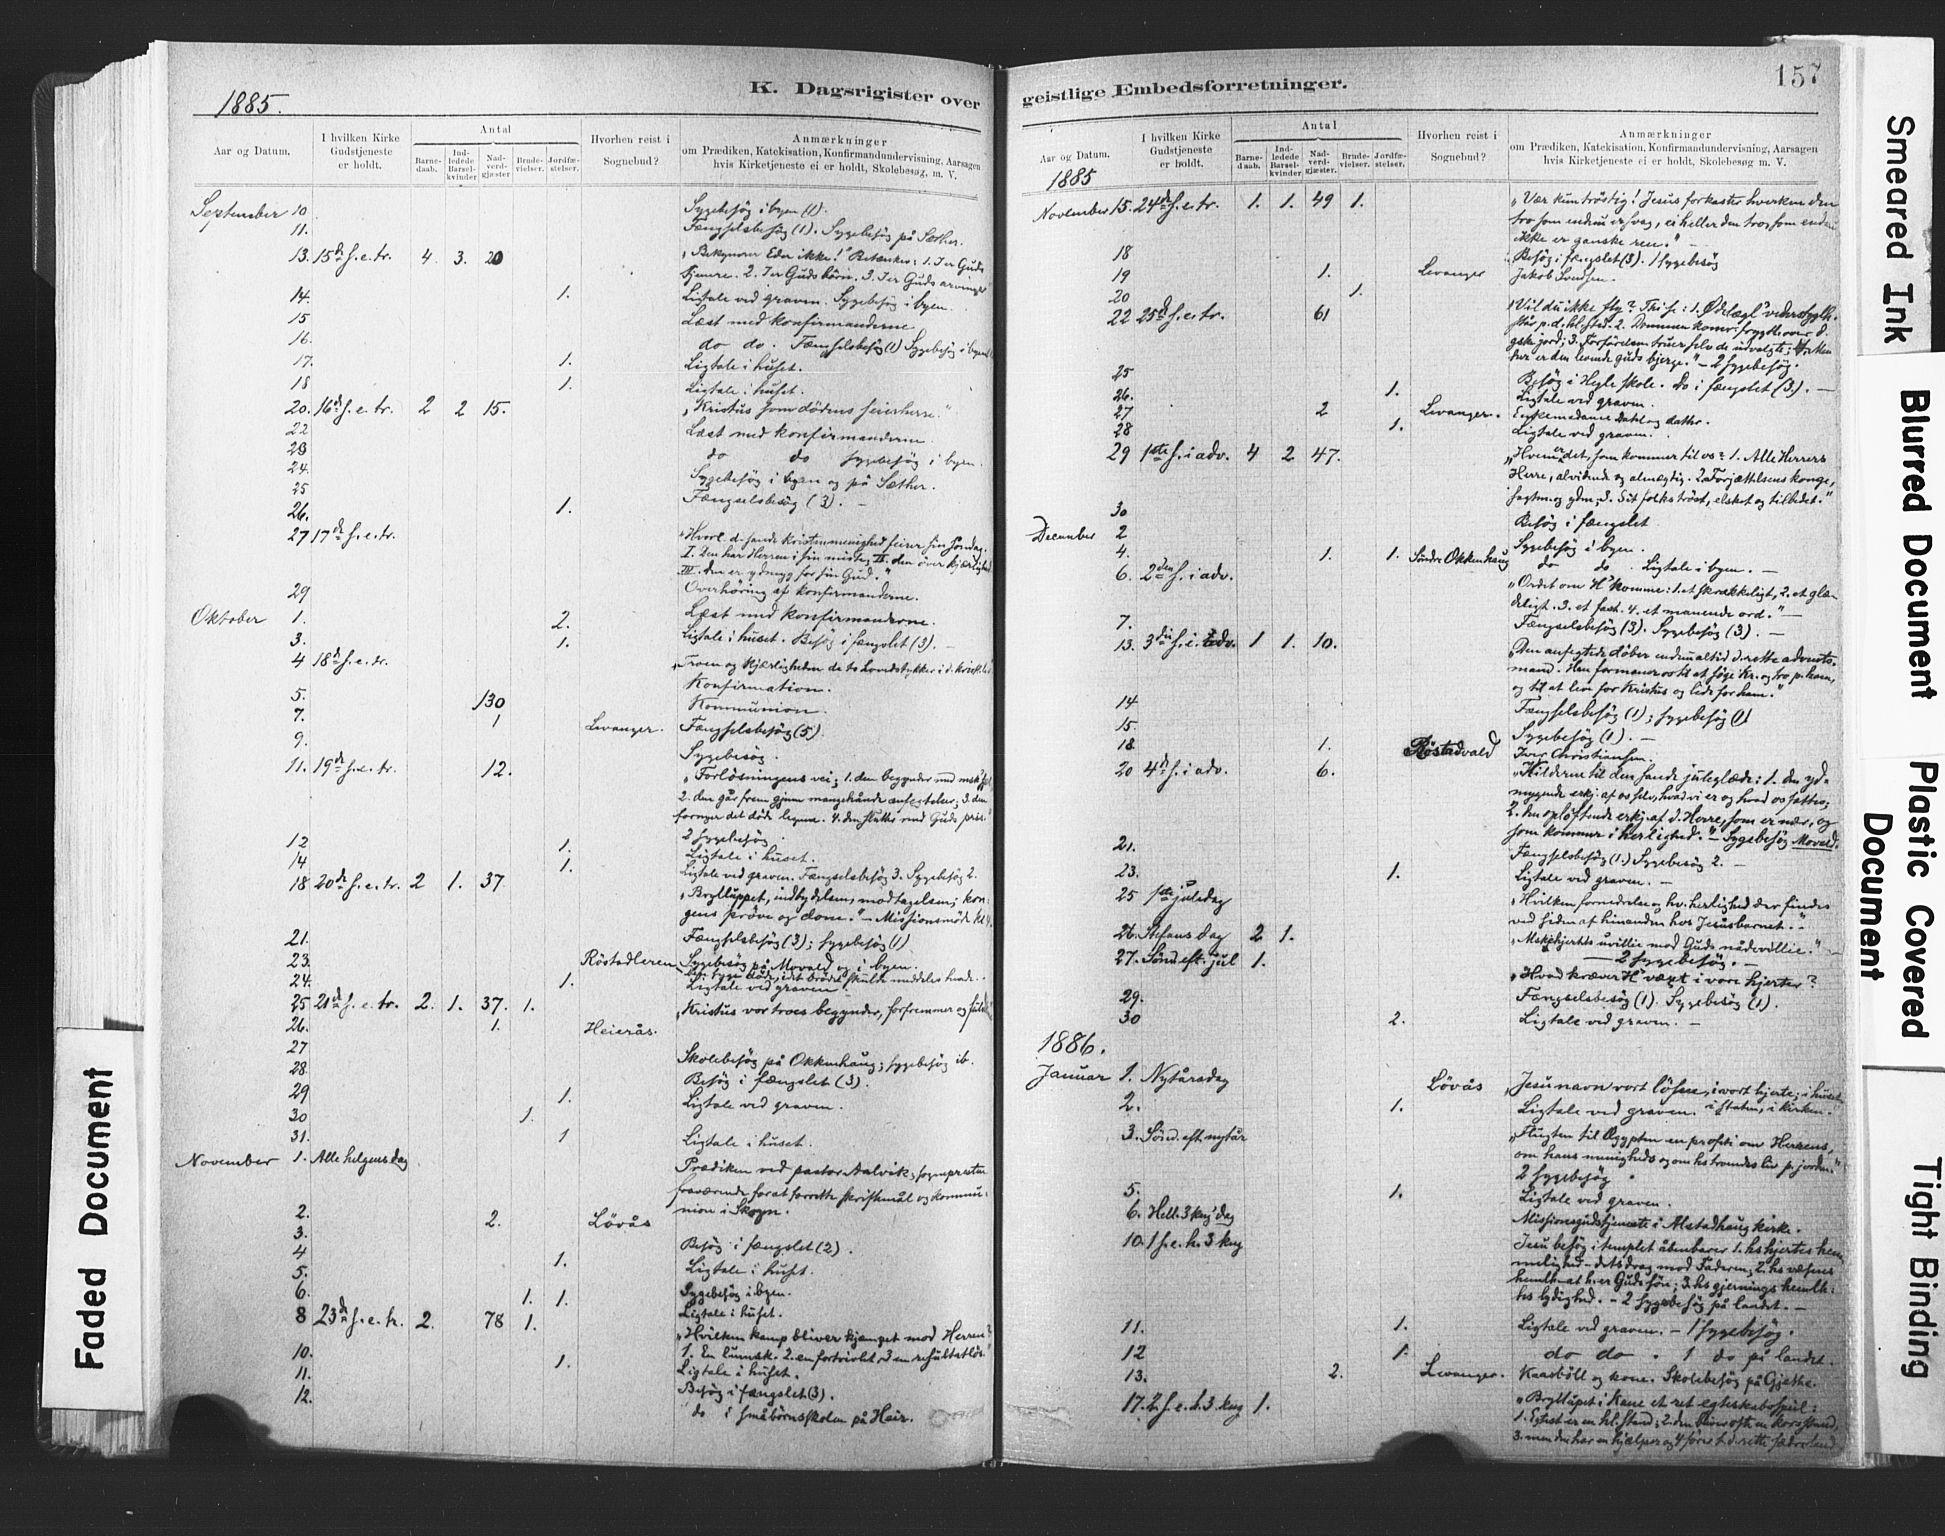 SAT, Ministerialprotokoller, klokkerbøker og fødselsregistre - Nord-Trøndelag, 720/L0189: Ministerialbok nr. 720A05, 1880-1911, s. 157